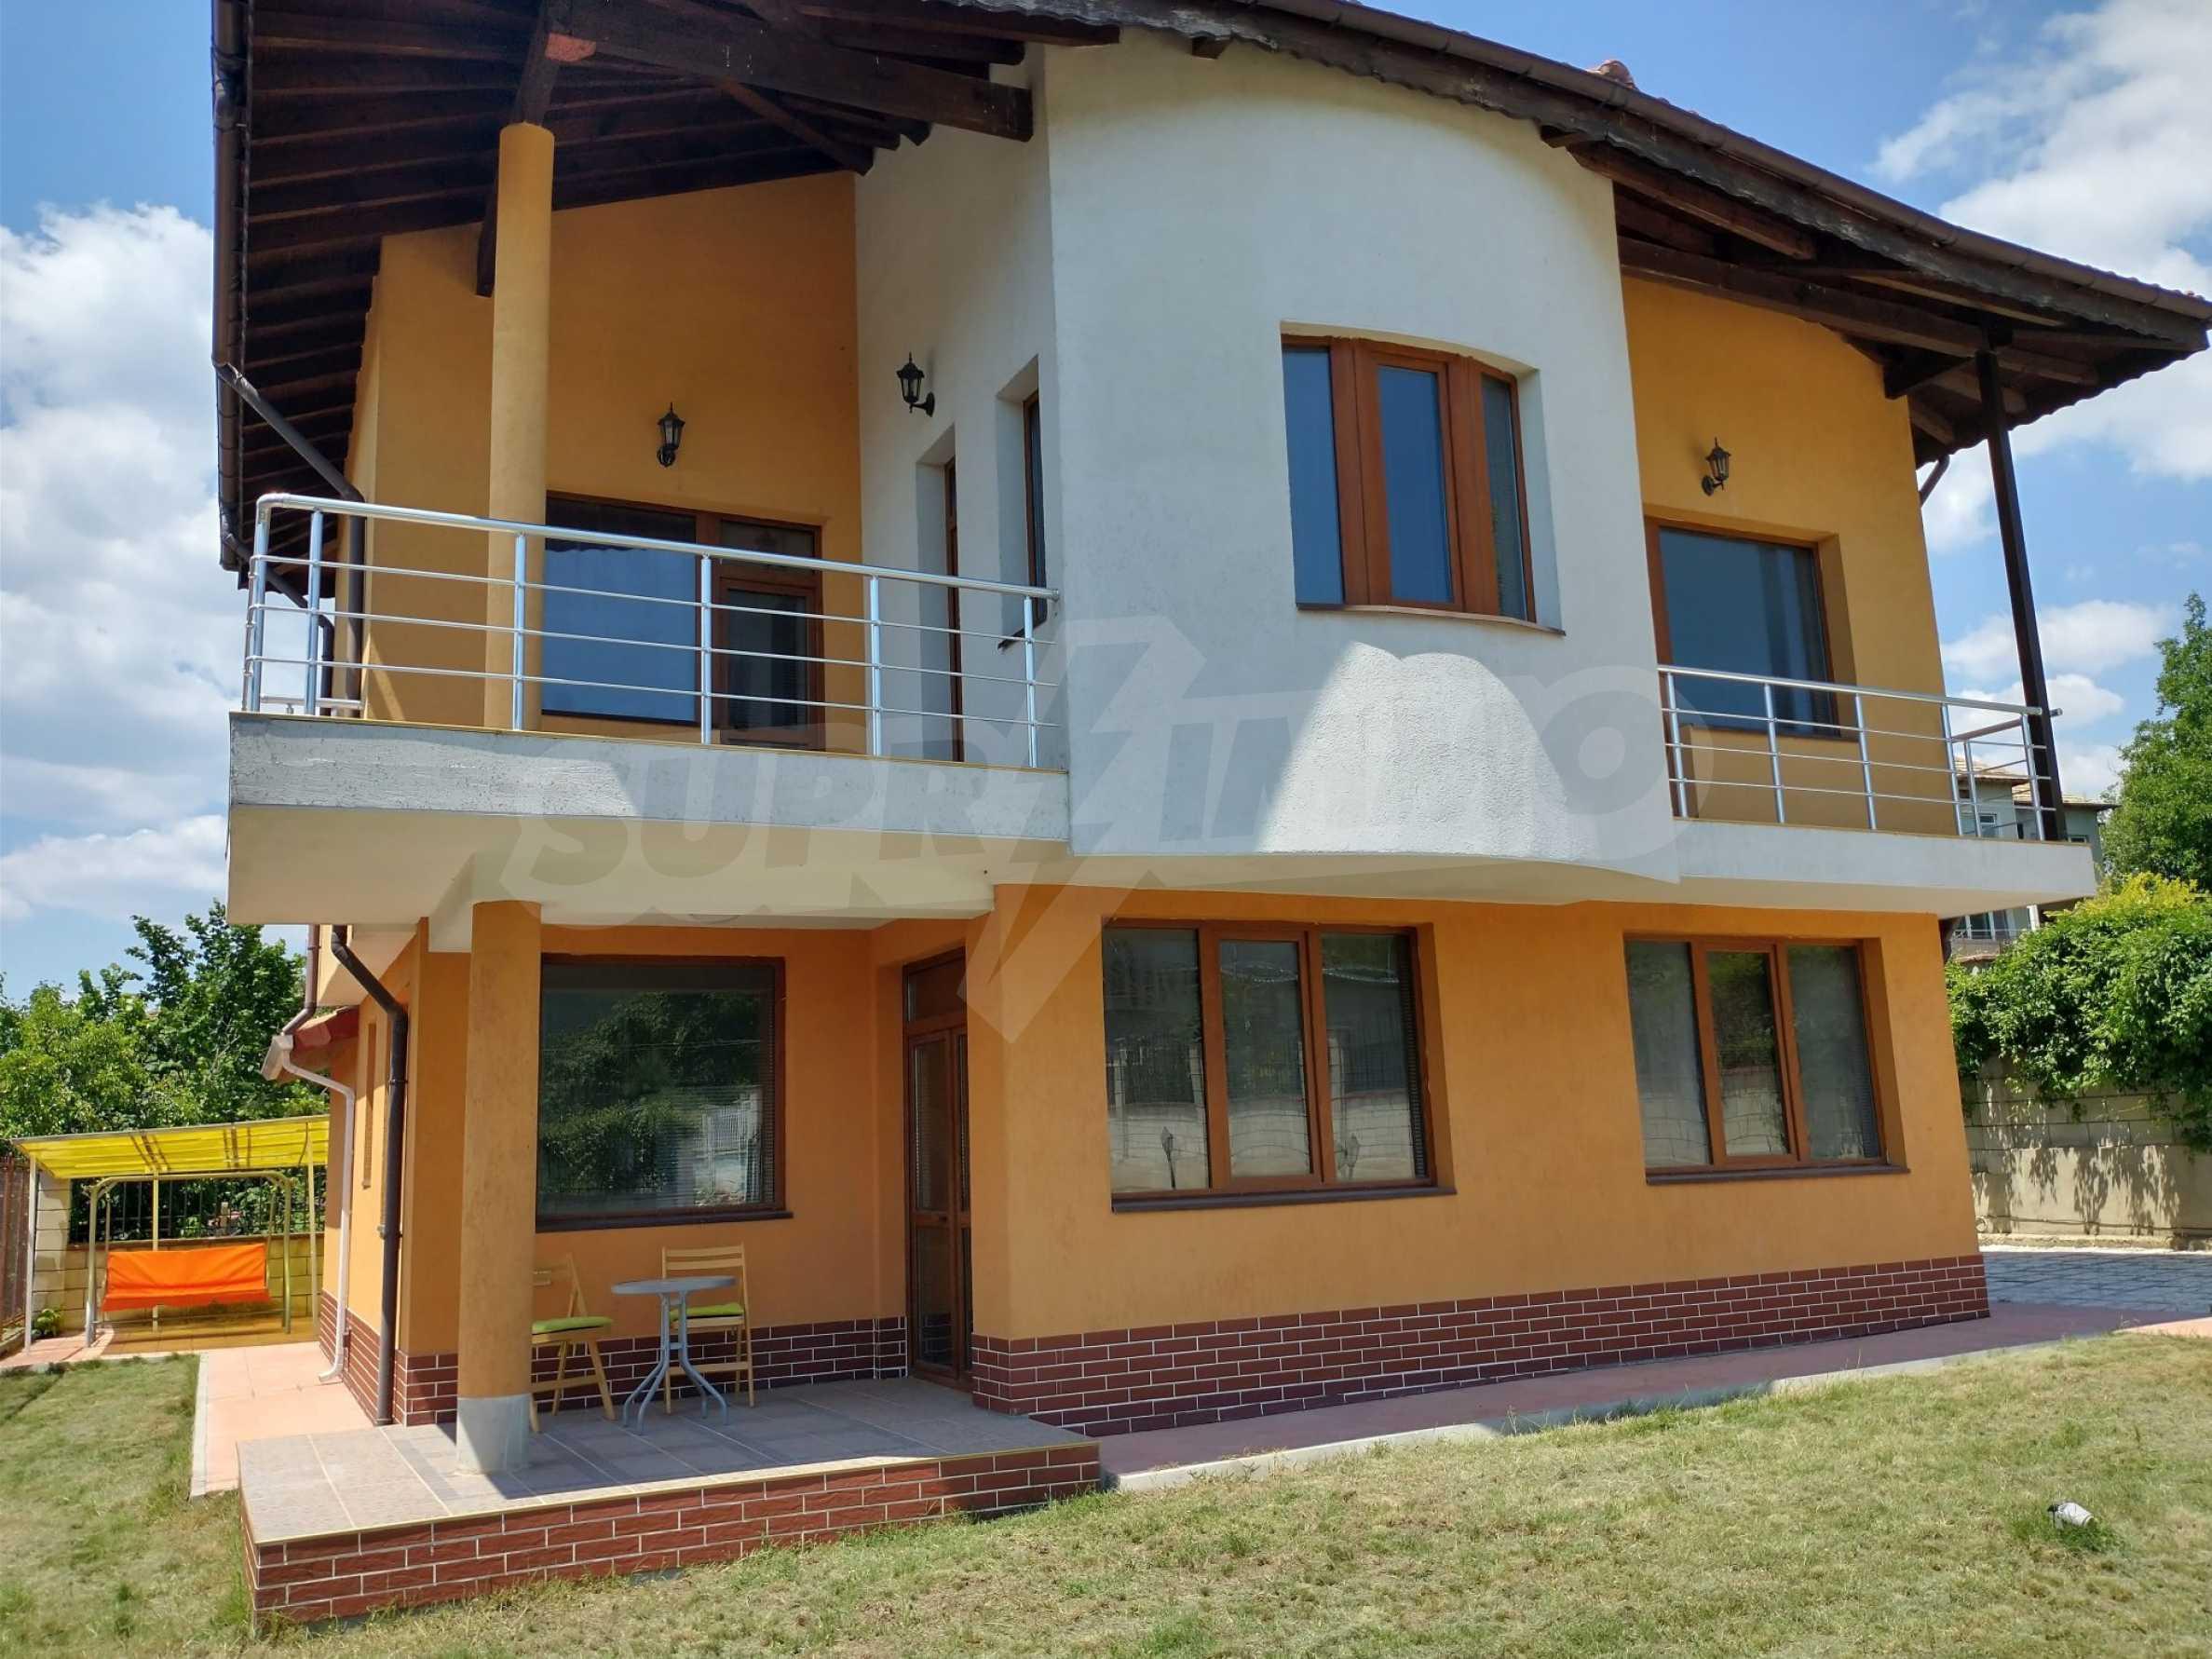 Schönes, dreistöckiges Haus in der Nähe von Warna 1